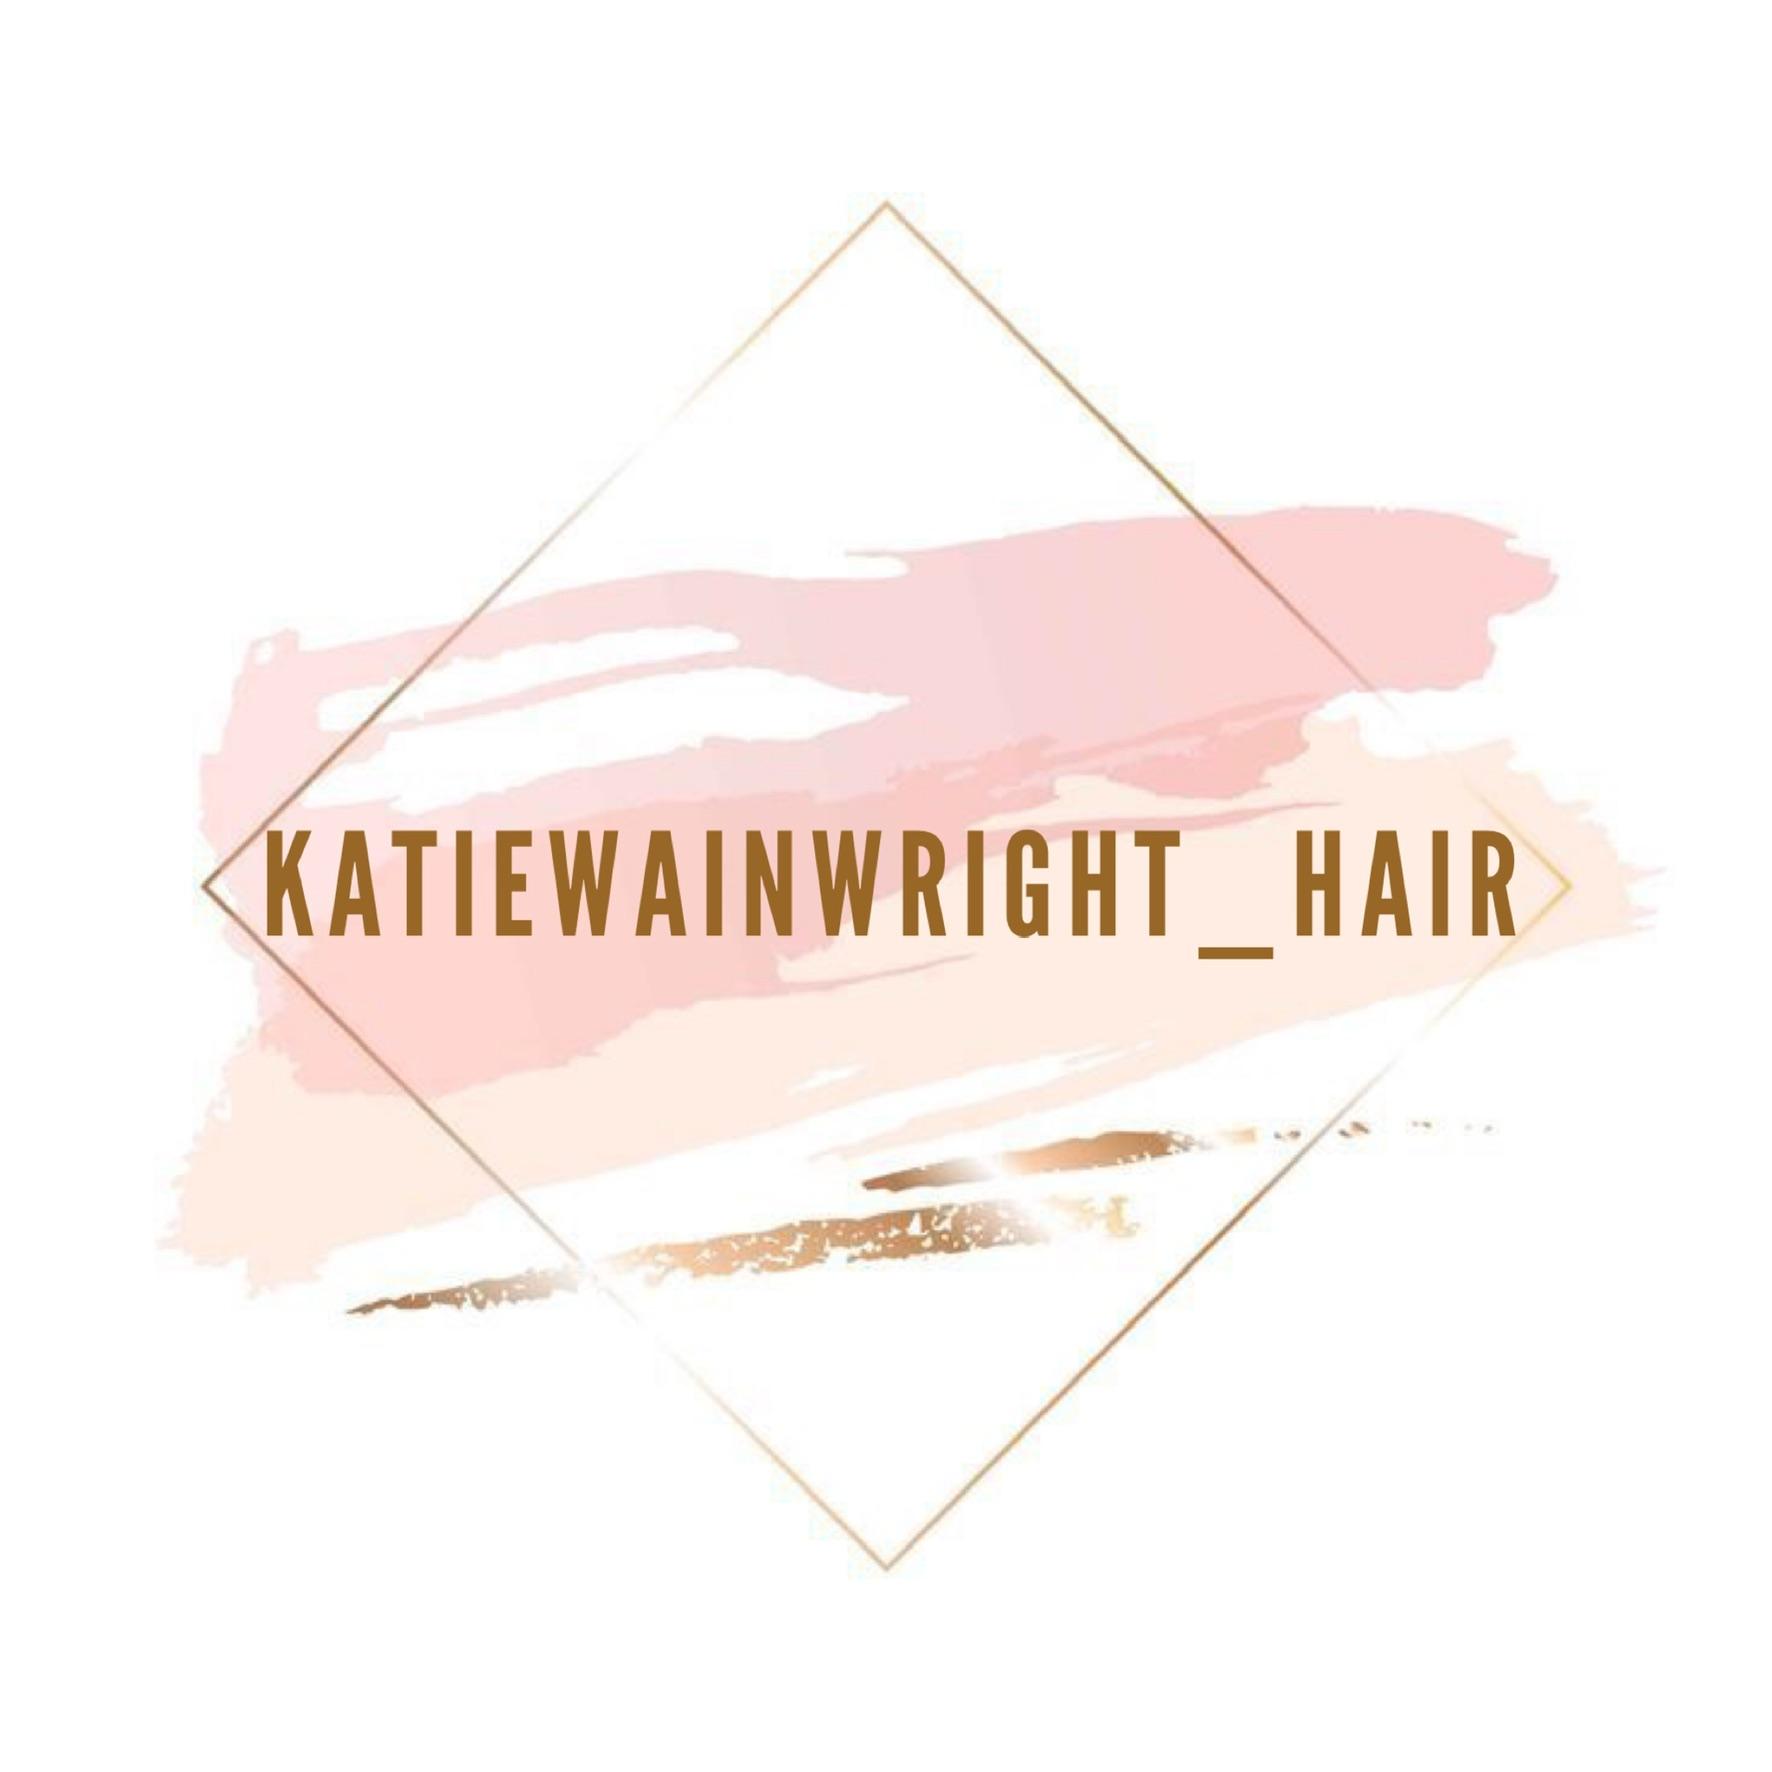 Katie Wainwright Hair